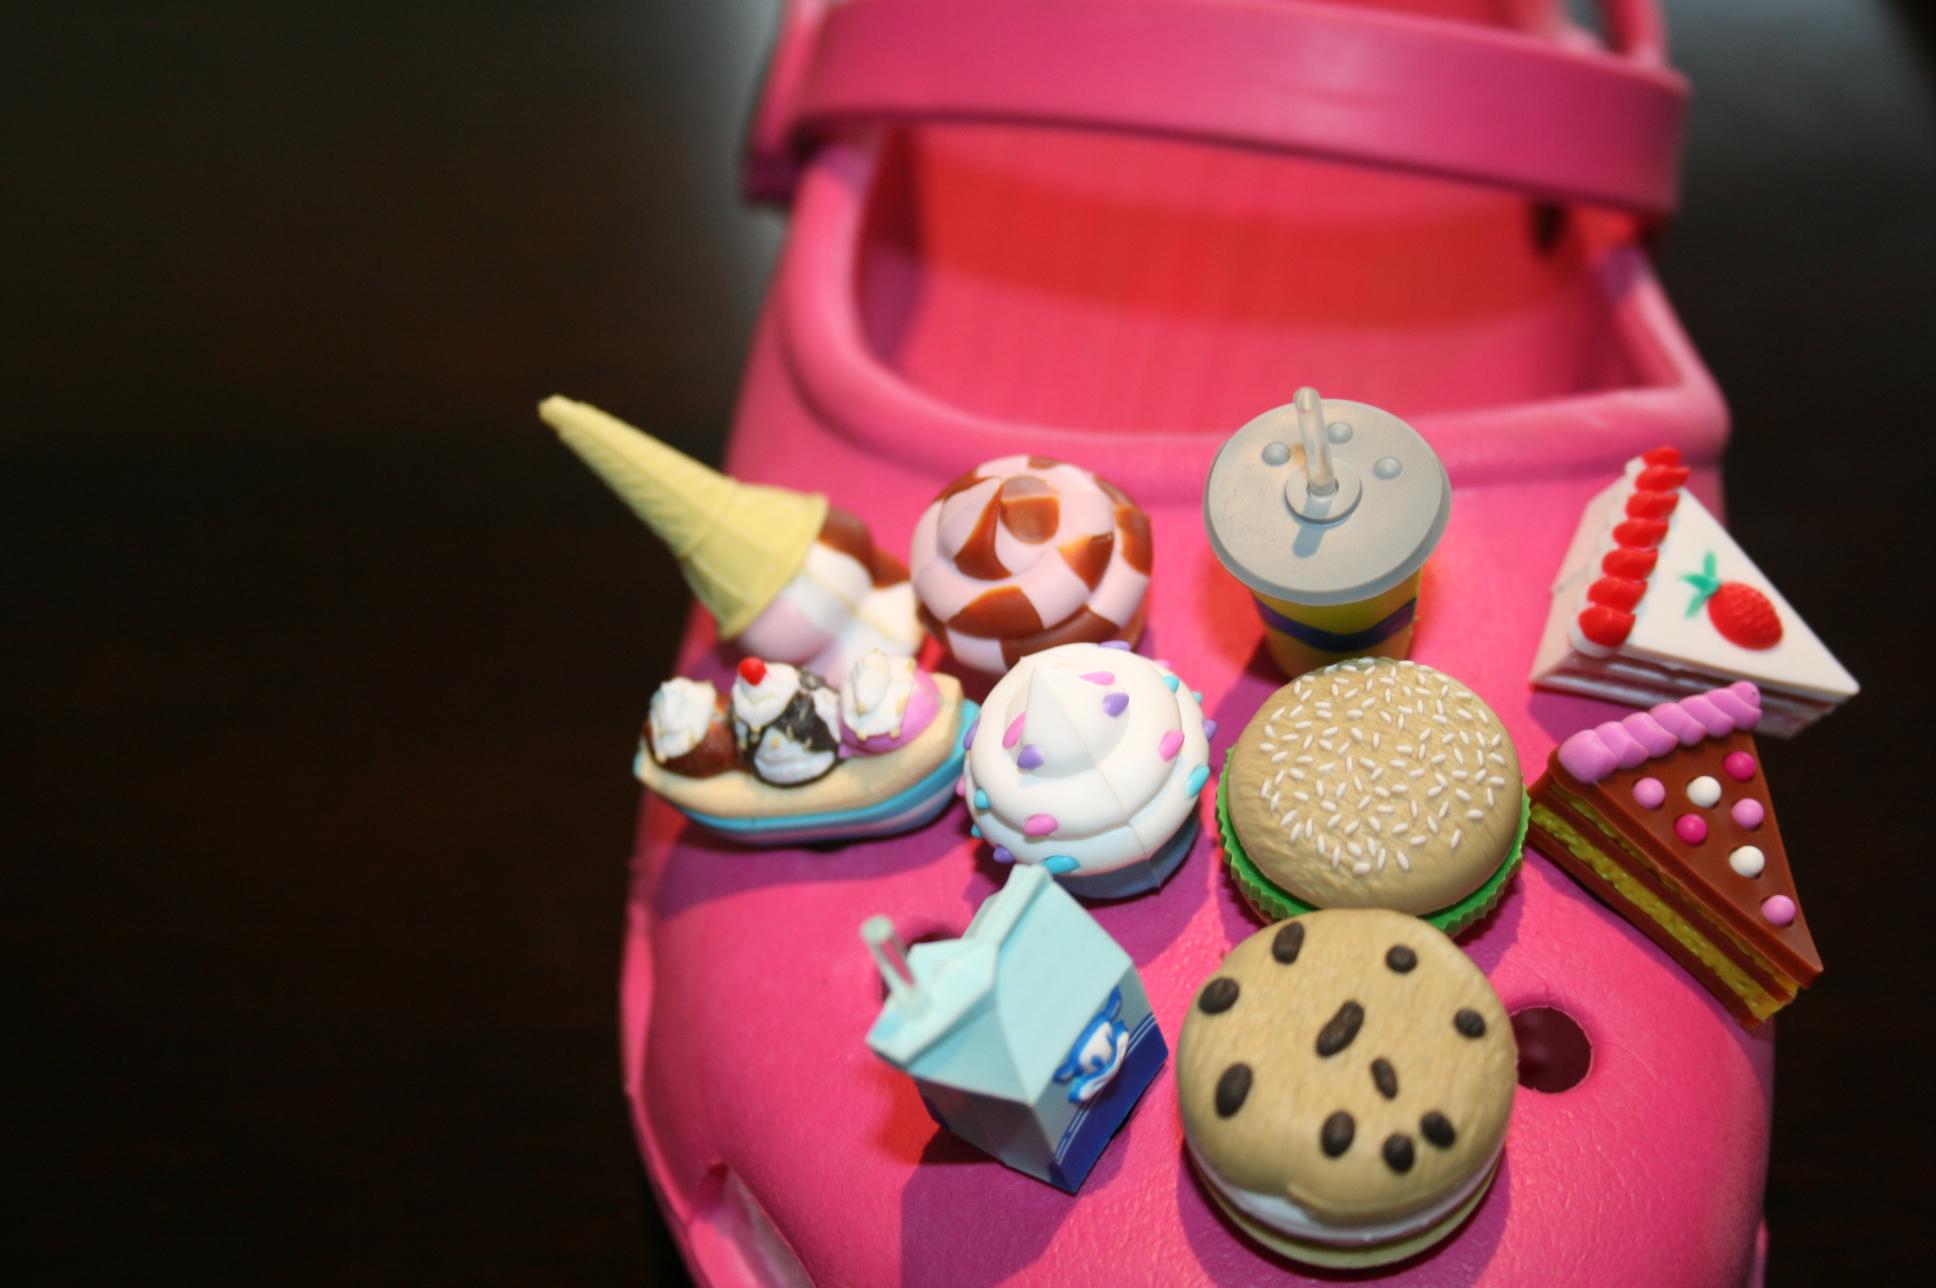 食物3D打印来袭 东莞道滘美食节推出3D打印薄饼 3d打印食品机,3d打印视频,3d打印饰品,3d打印食品视频,3d打印食品的优势